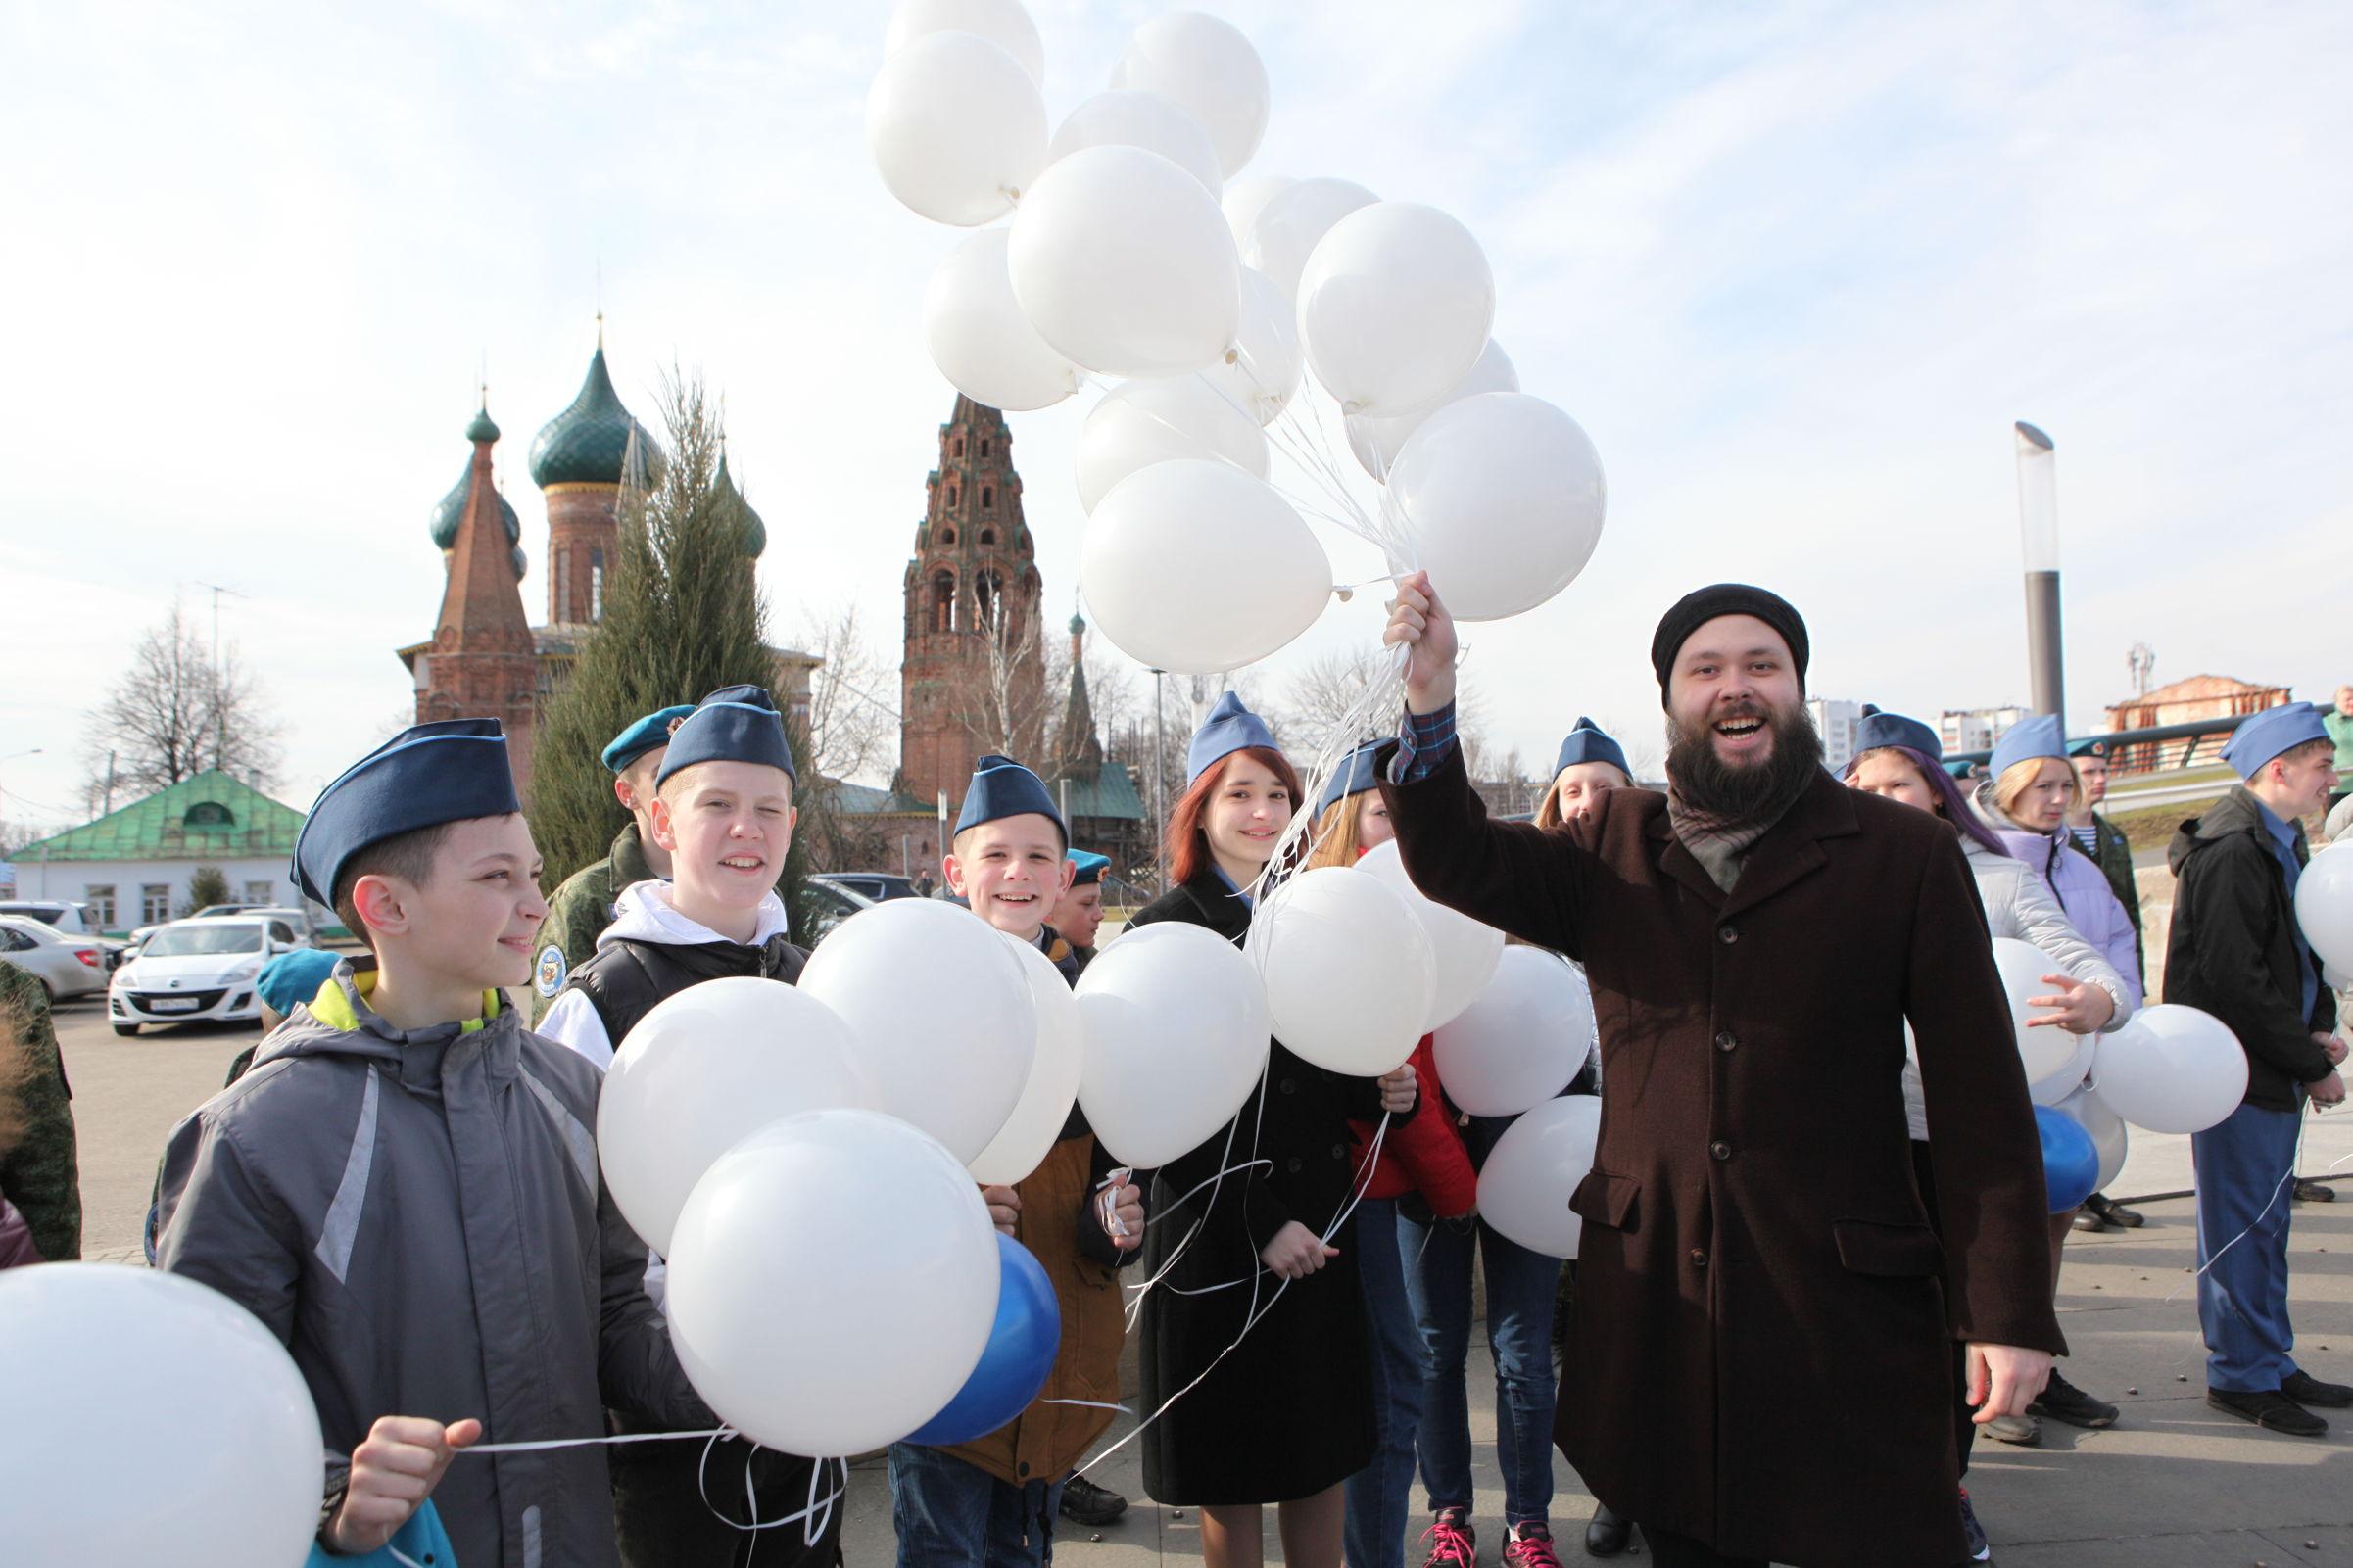 В центре Ярославля в День космонавтики в небо запустили десятки шаров: фото